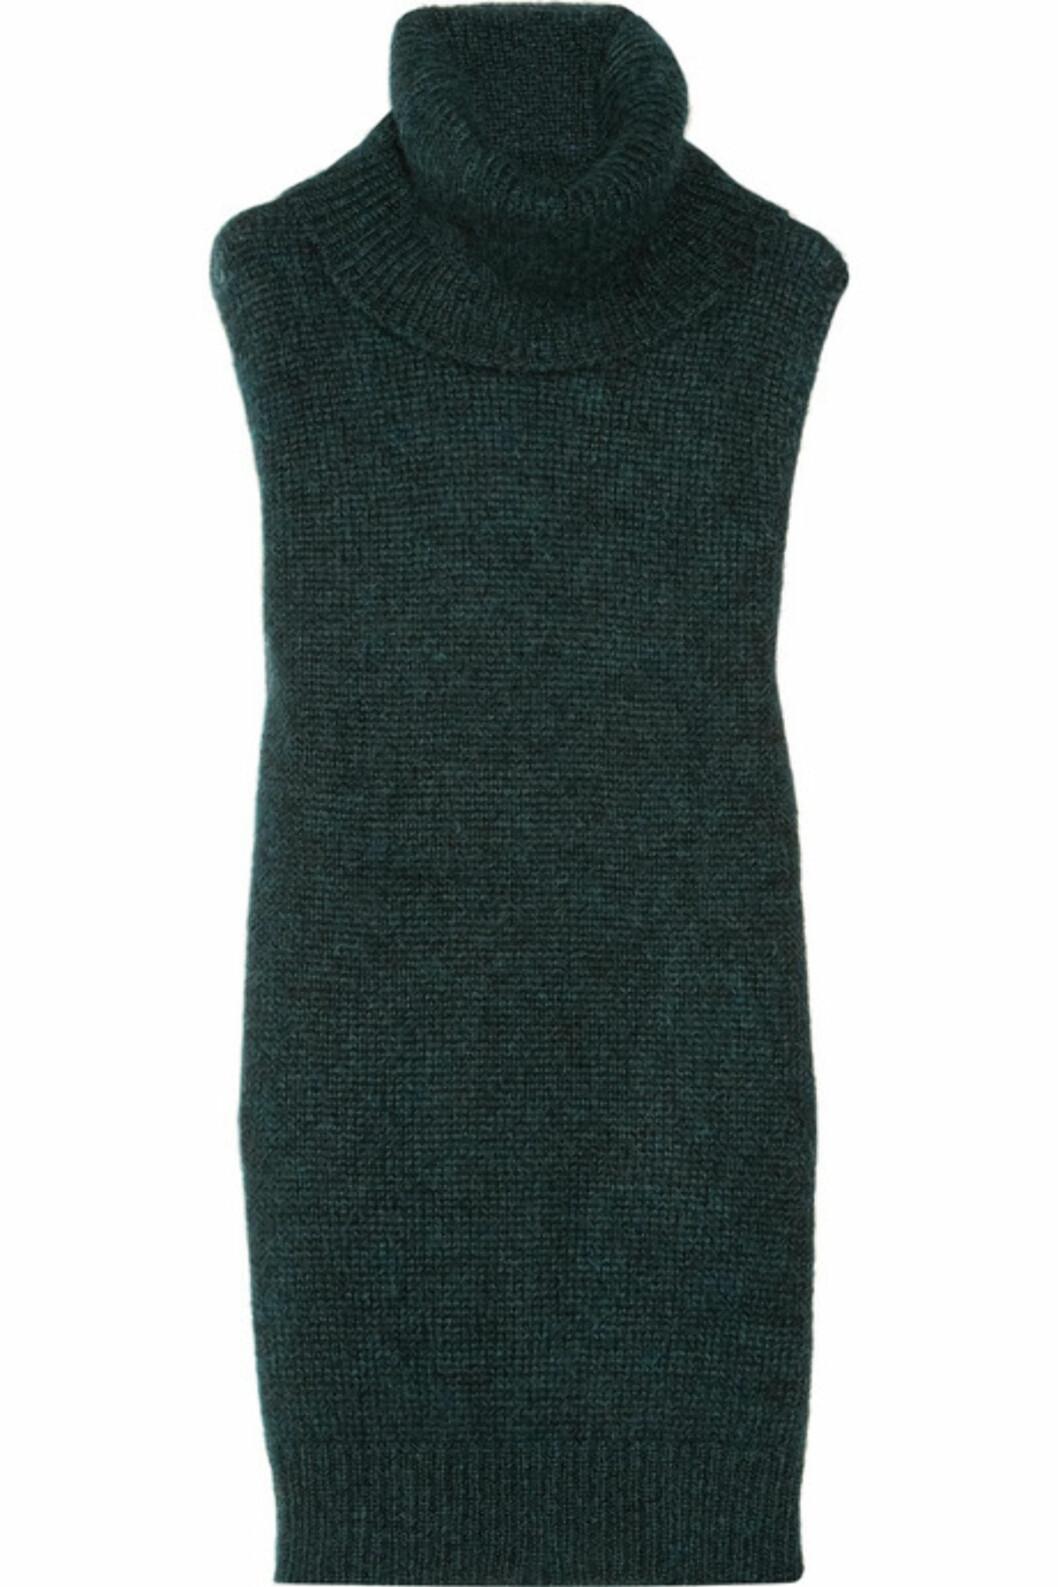 <strong>GENSER, VEST OG KJOLE:</strong> Flaskegrønn strikk med høy hals fra Vanessa Bruno i 61 prosent mohair og 31 prosent polyamid og 8 prosent ull (ca kr.1730/Net-a-porter.com). Foto: Produsenten